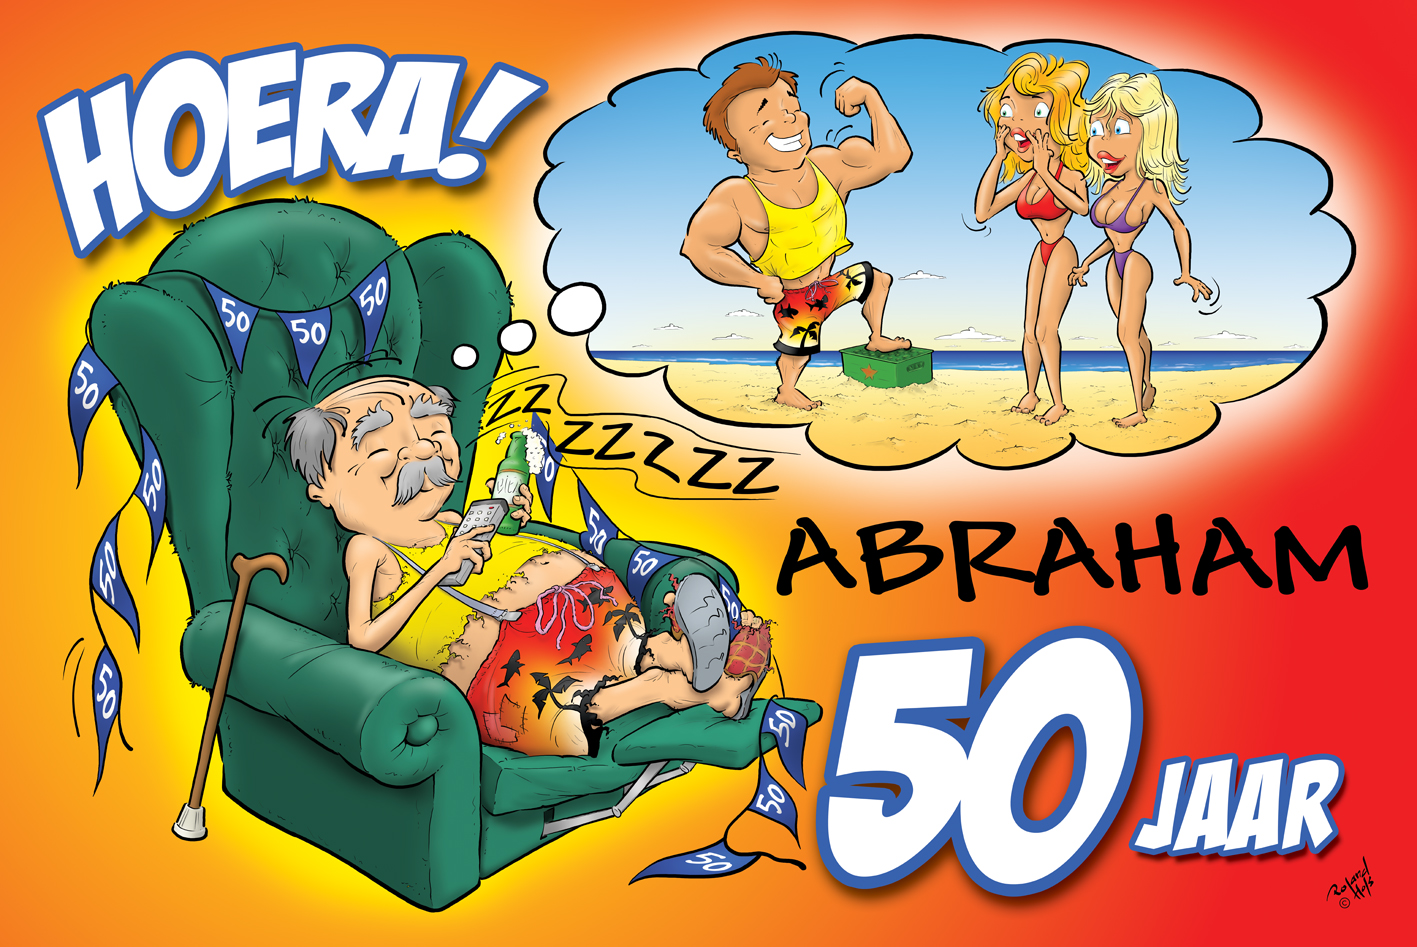 Fonkelnieuw Abraham 50 jaar | Holland Vlaggen ET-02